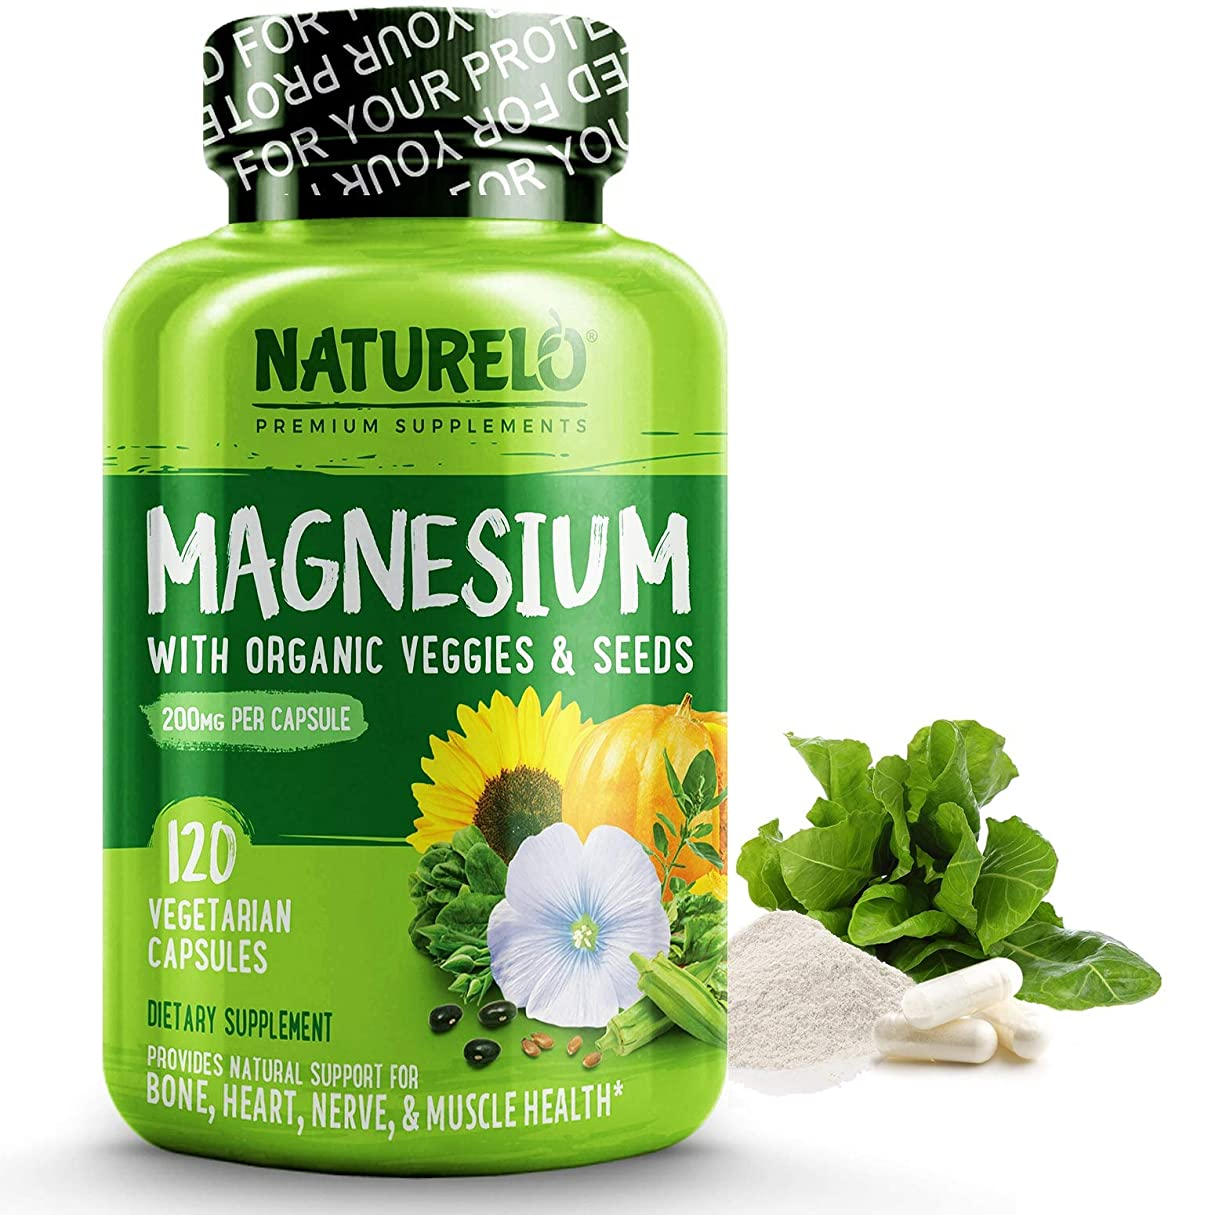 自発何よりも交渉するNATURELO マグネシウム グリシネート サプリメント (120カプセル)